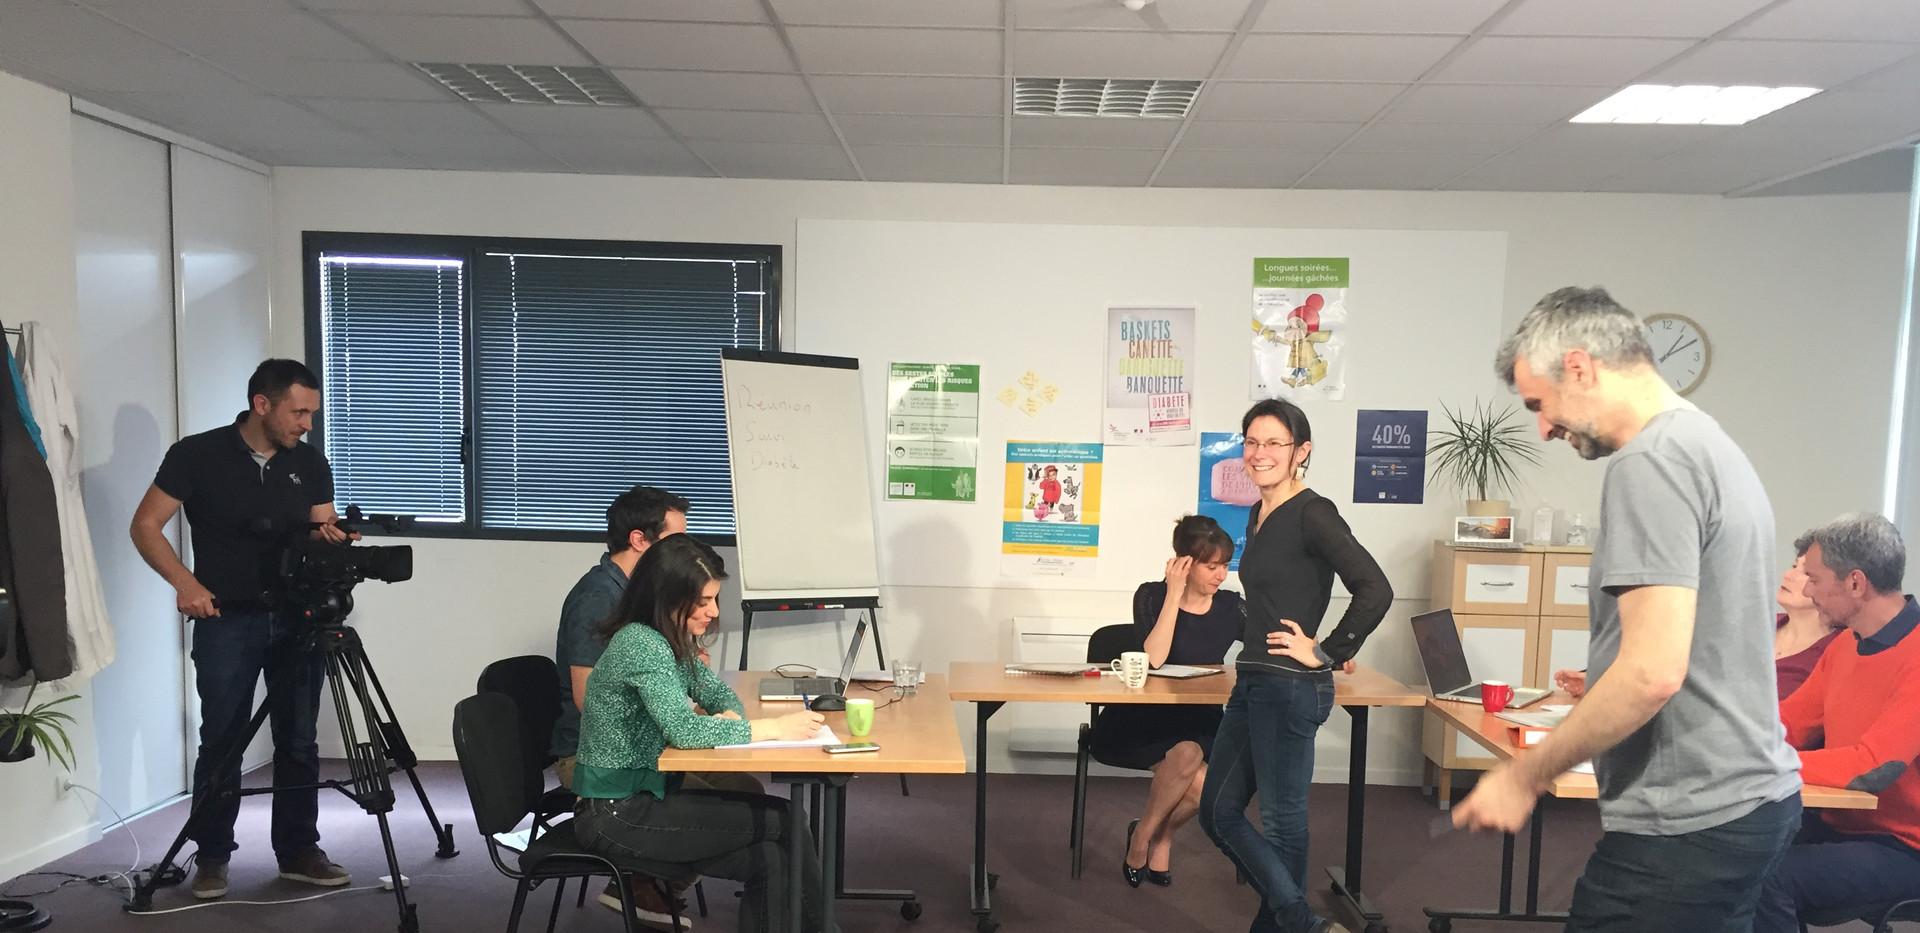 Tournage MOOC en santé par LBKrouin - 2017